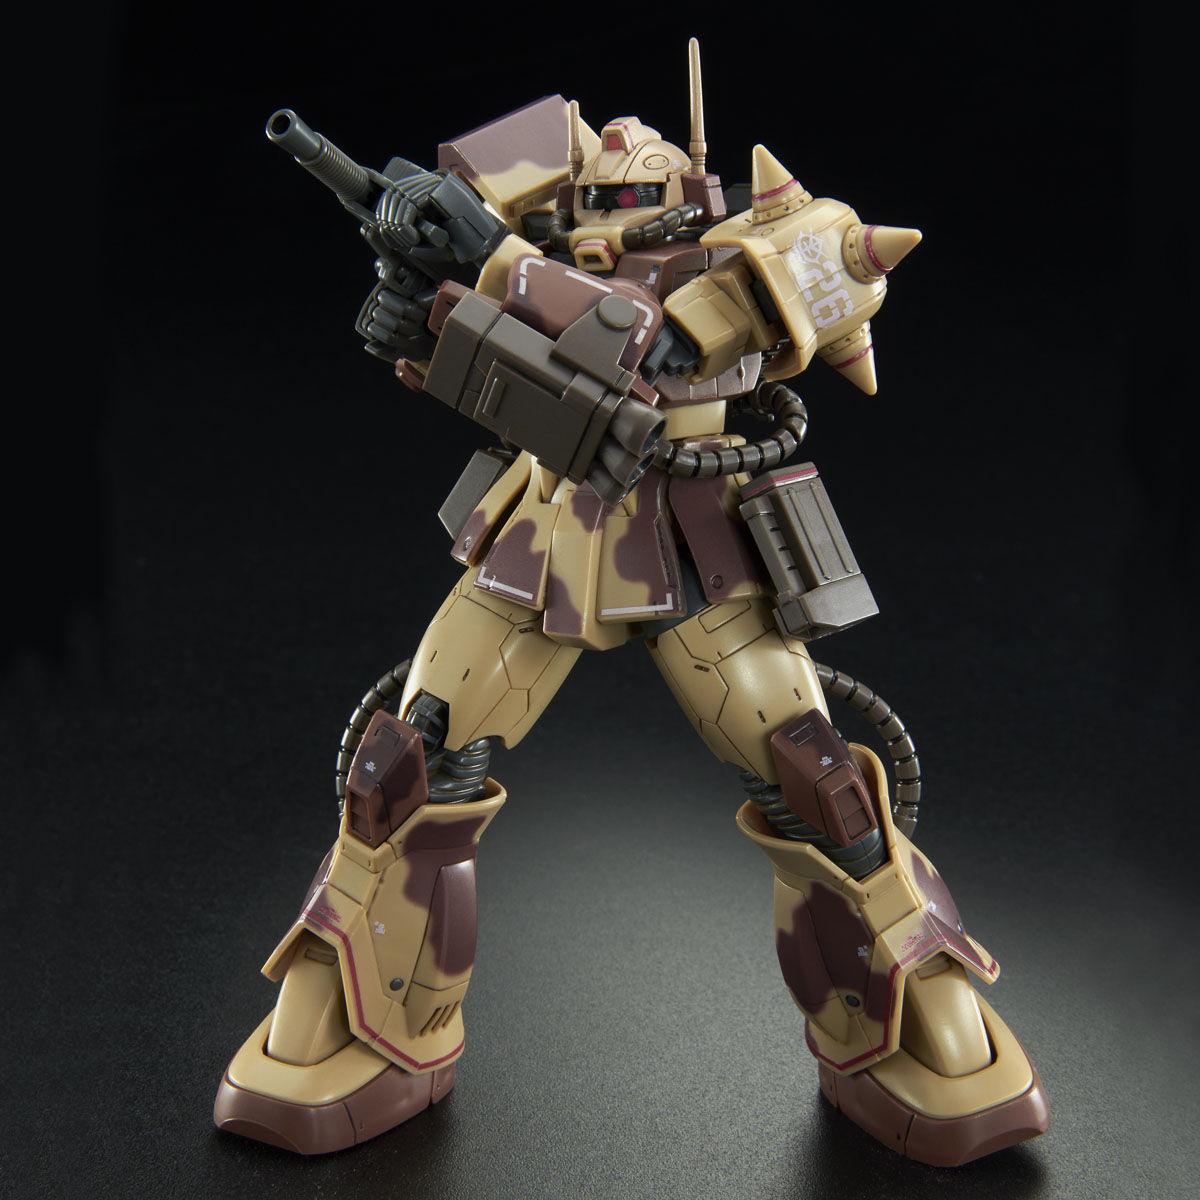 【限定販売】HG 1/144『ザク・デザートタイプ(ダブルアンテナ仕様)』プラモデル-006